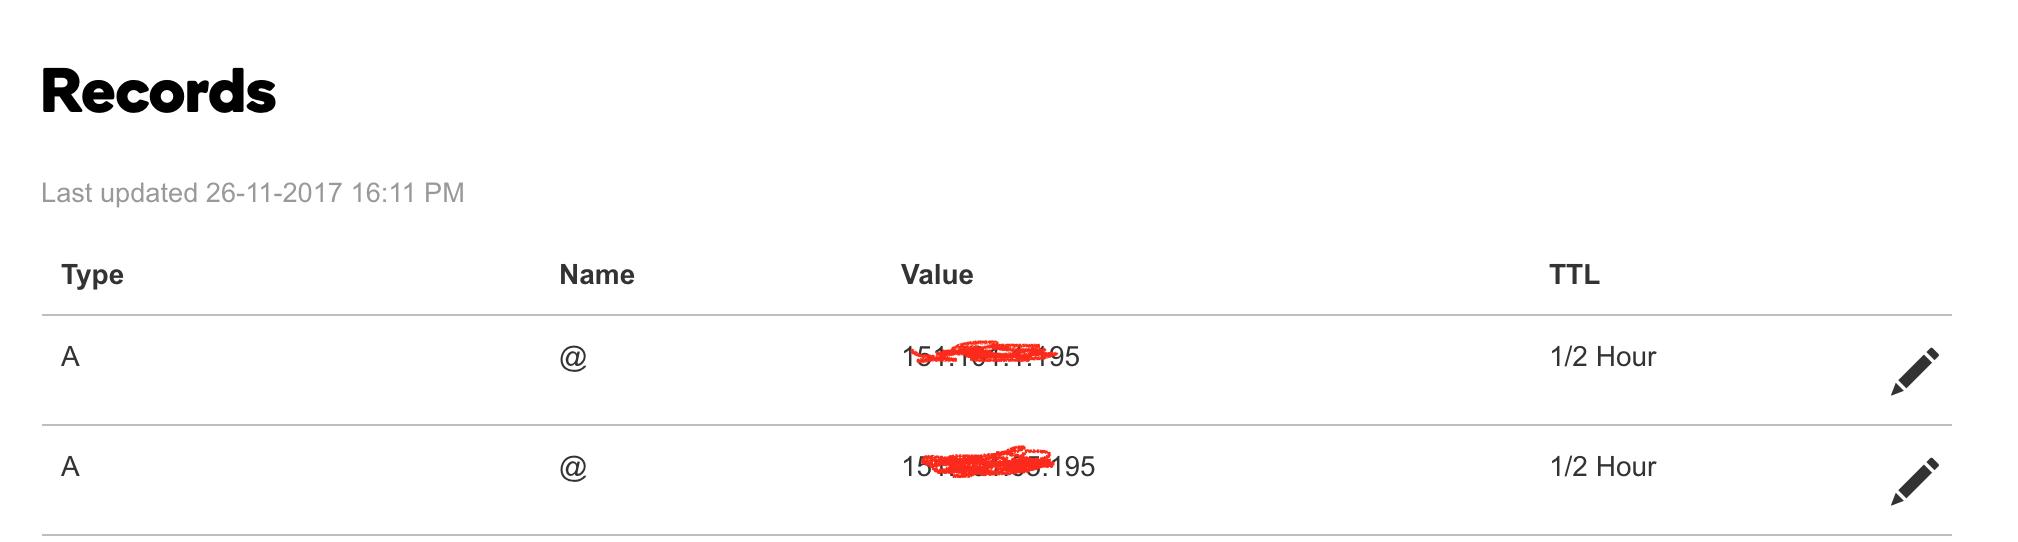 add-typeA- value-in-dns-records